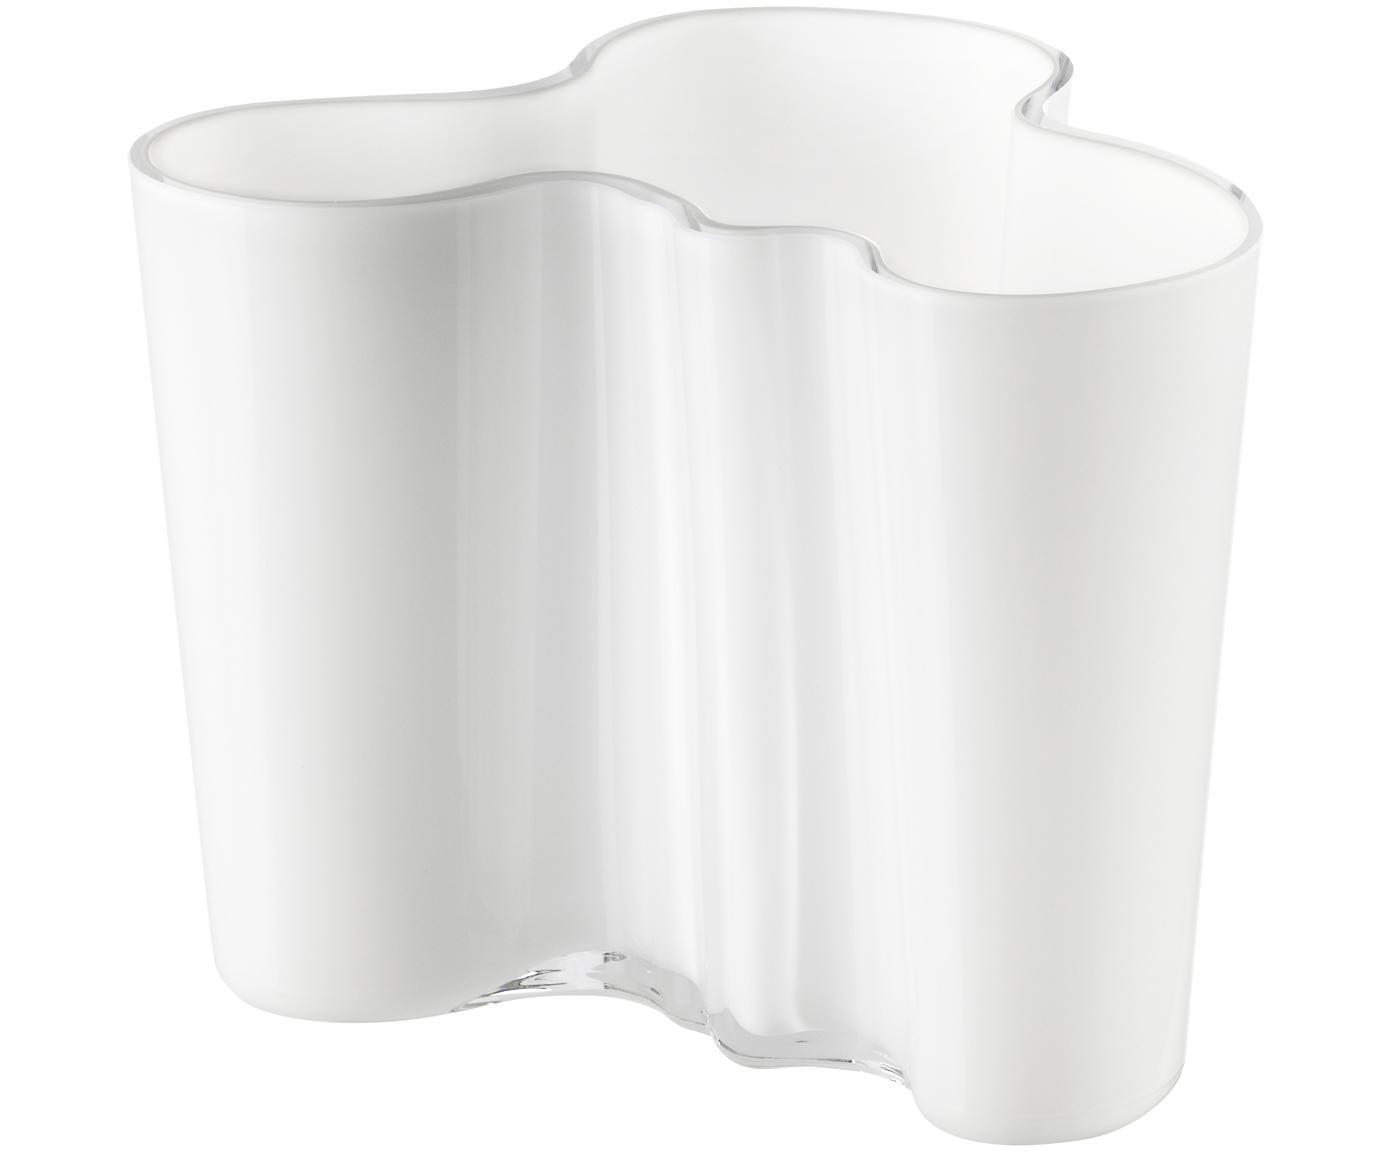 Mały wazon Alvar Aalto, Szkło, Biały, W 12 cm